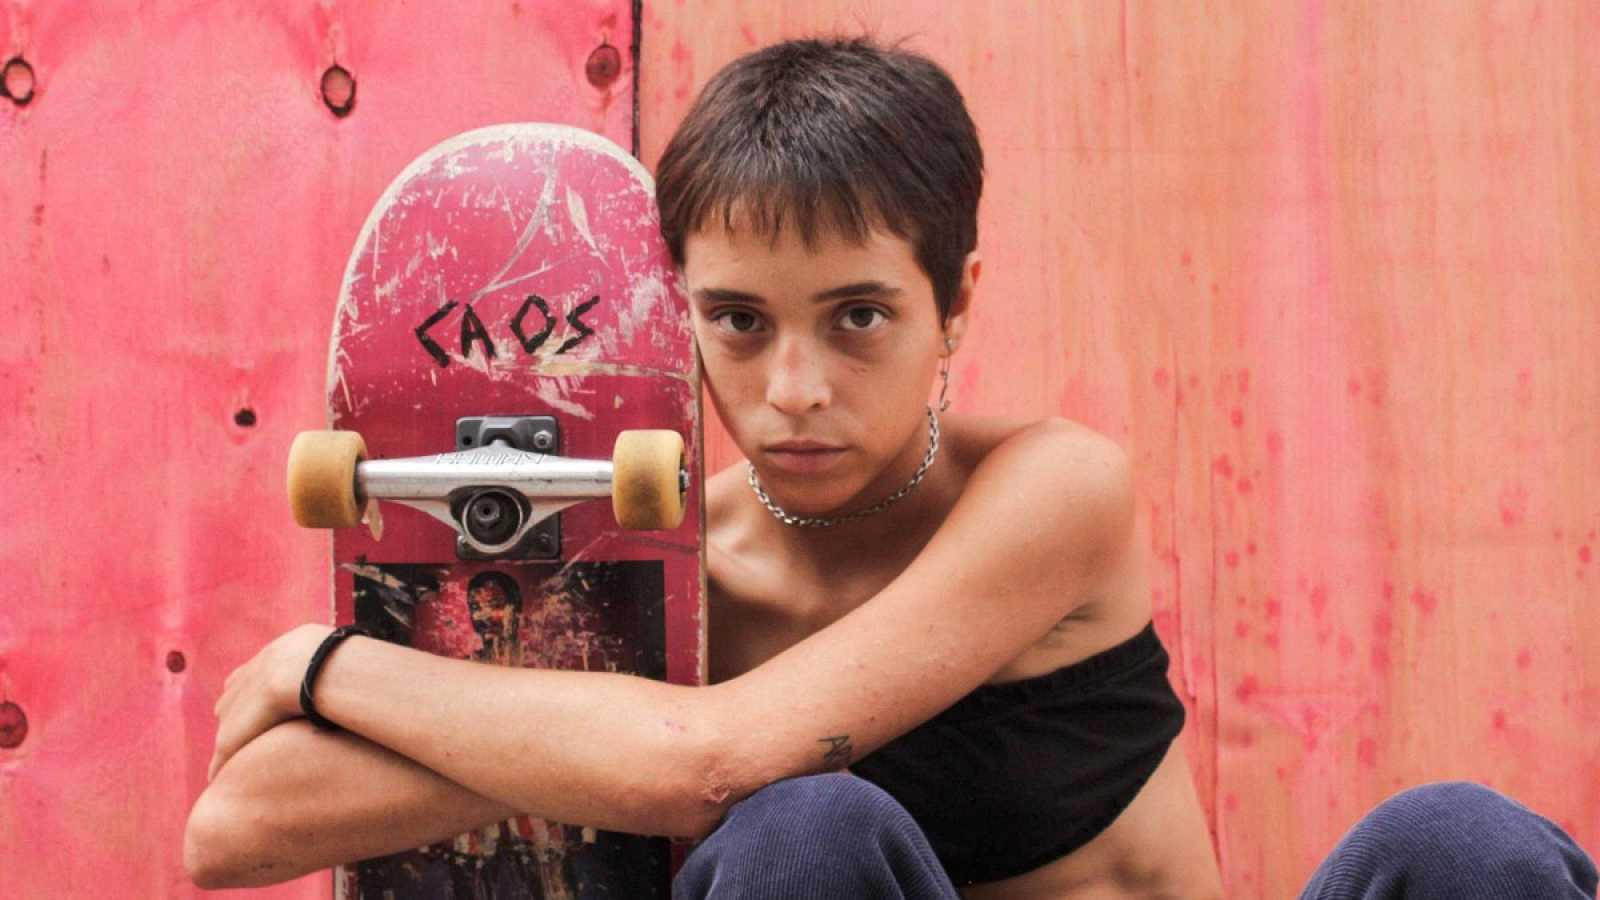 Hora América de cine - 'Niña Mamá' y 'Meu nome é Bagdá' en la Muestra Internacional de Filmes de Mujeres de Barcelona - 12/06/20 - escuchar ahora